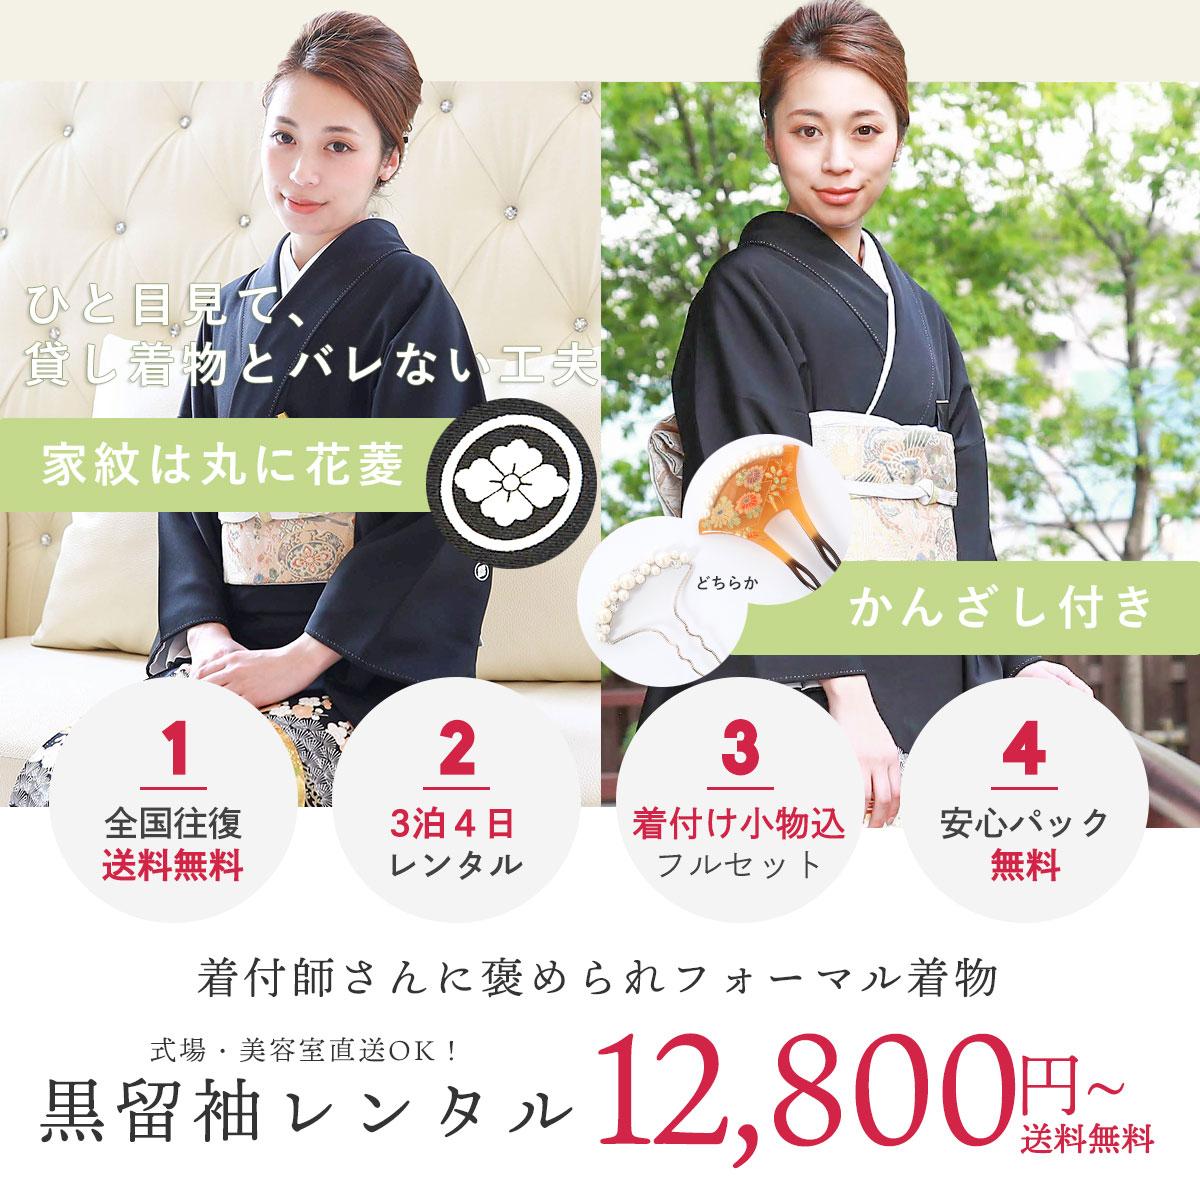 結婚式の黒留袖レンタル一式フルセットレンタル¥12,800~サブバッグ・髪飾り付き